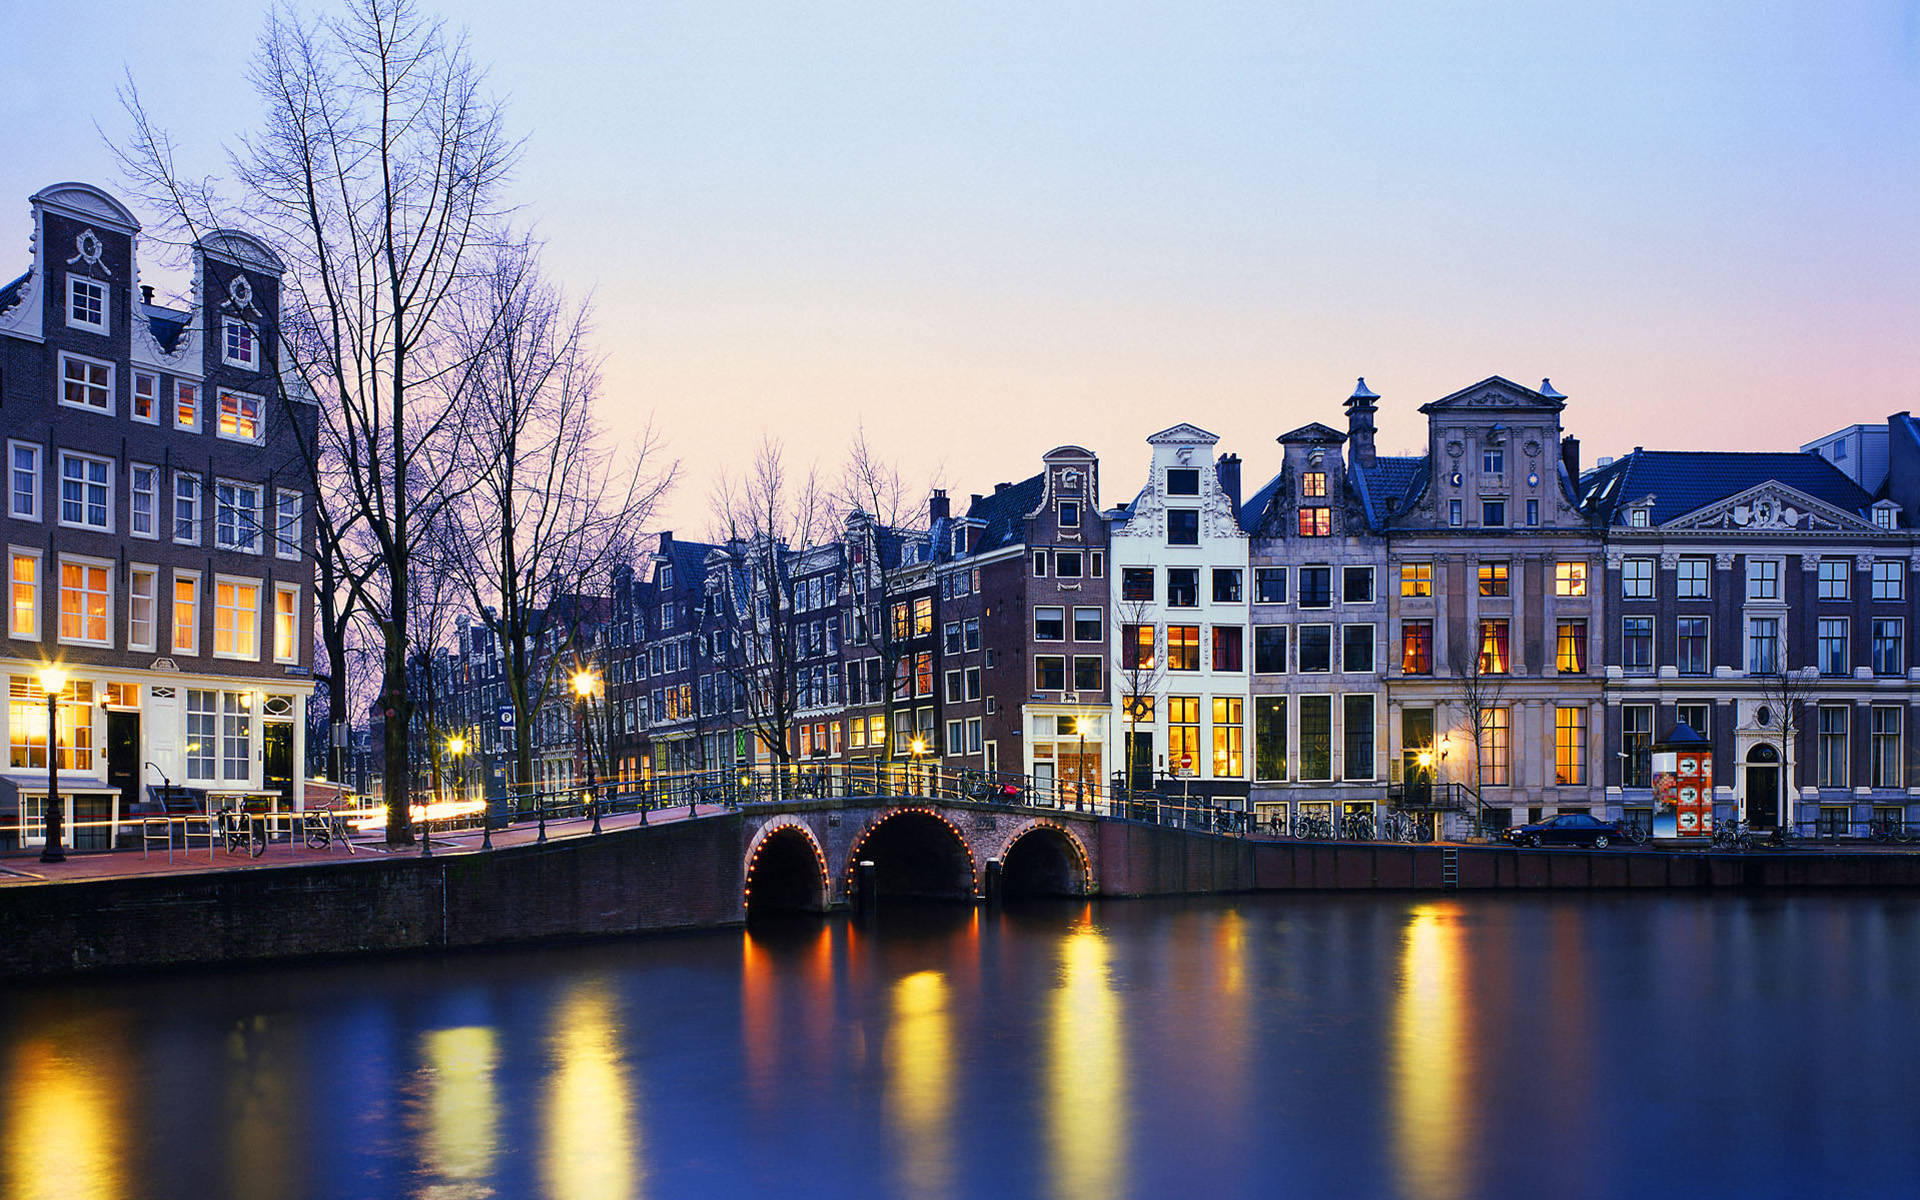 EZApply تحصیل در کشور هلند - ایزی اپلای